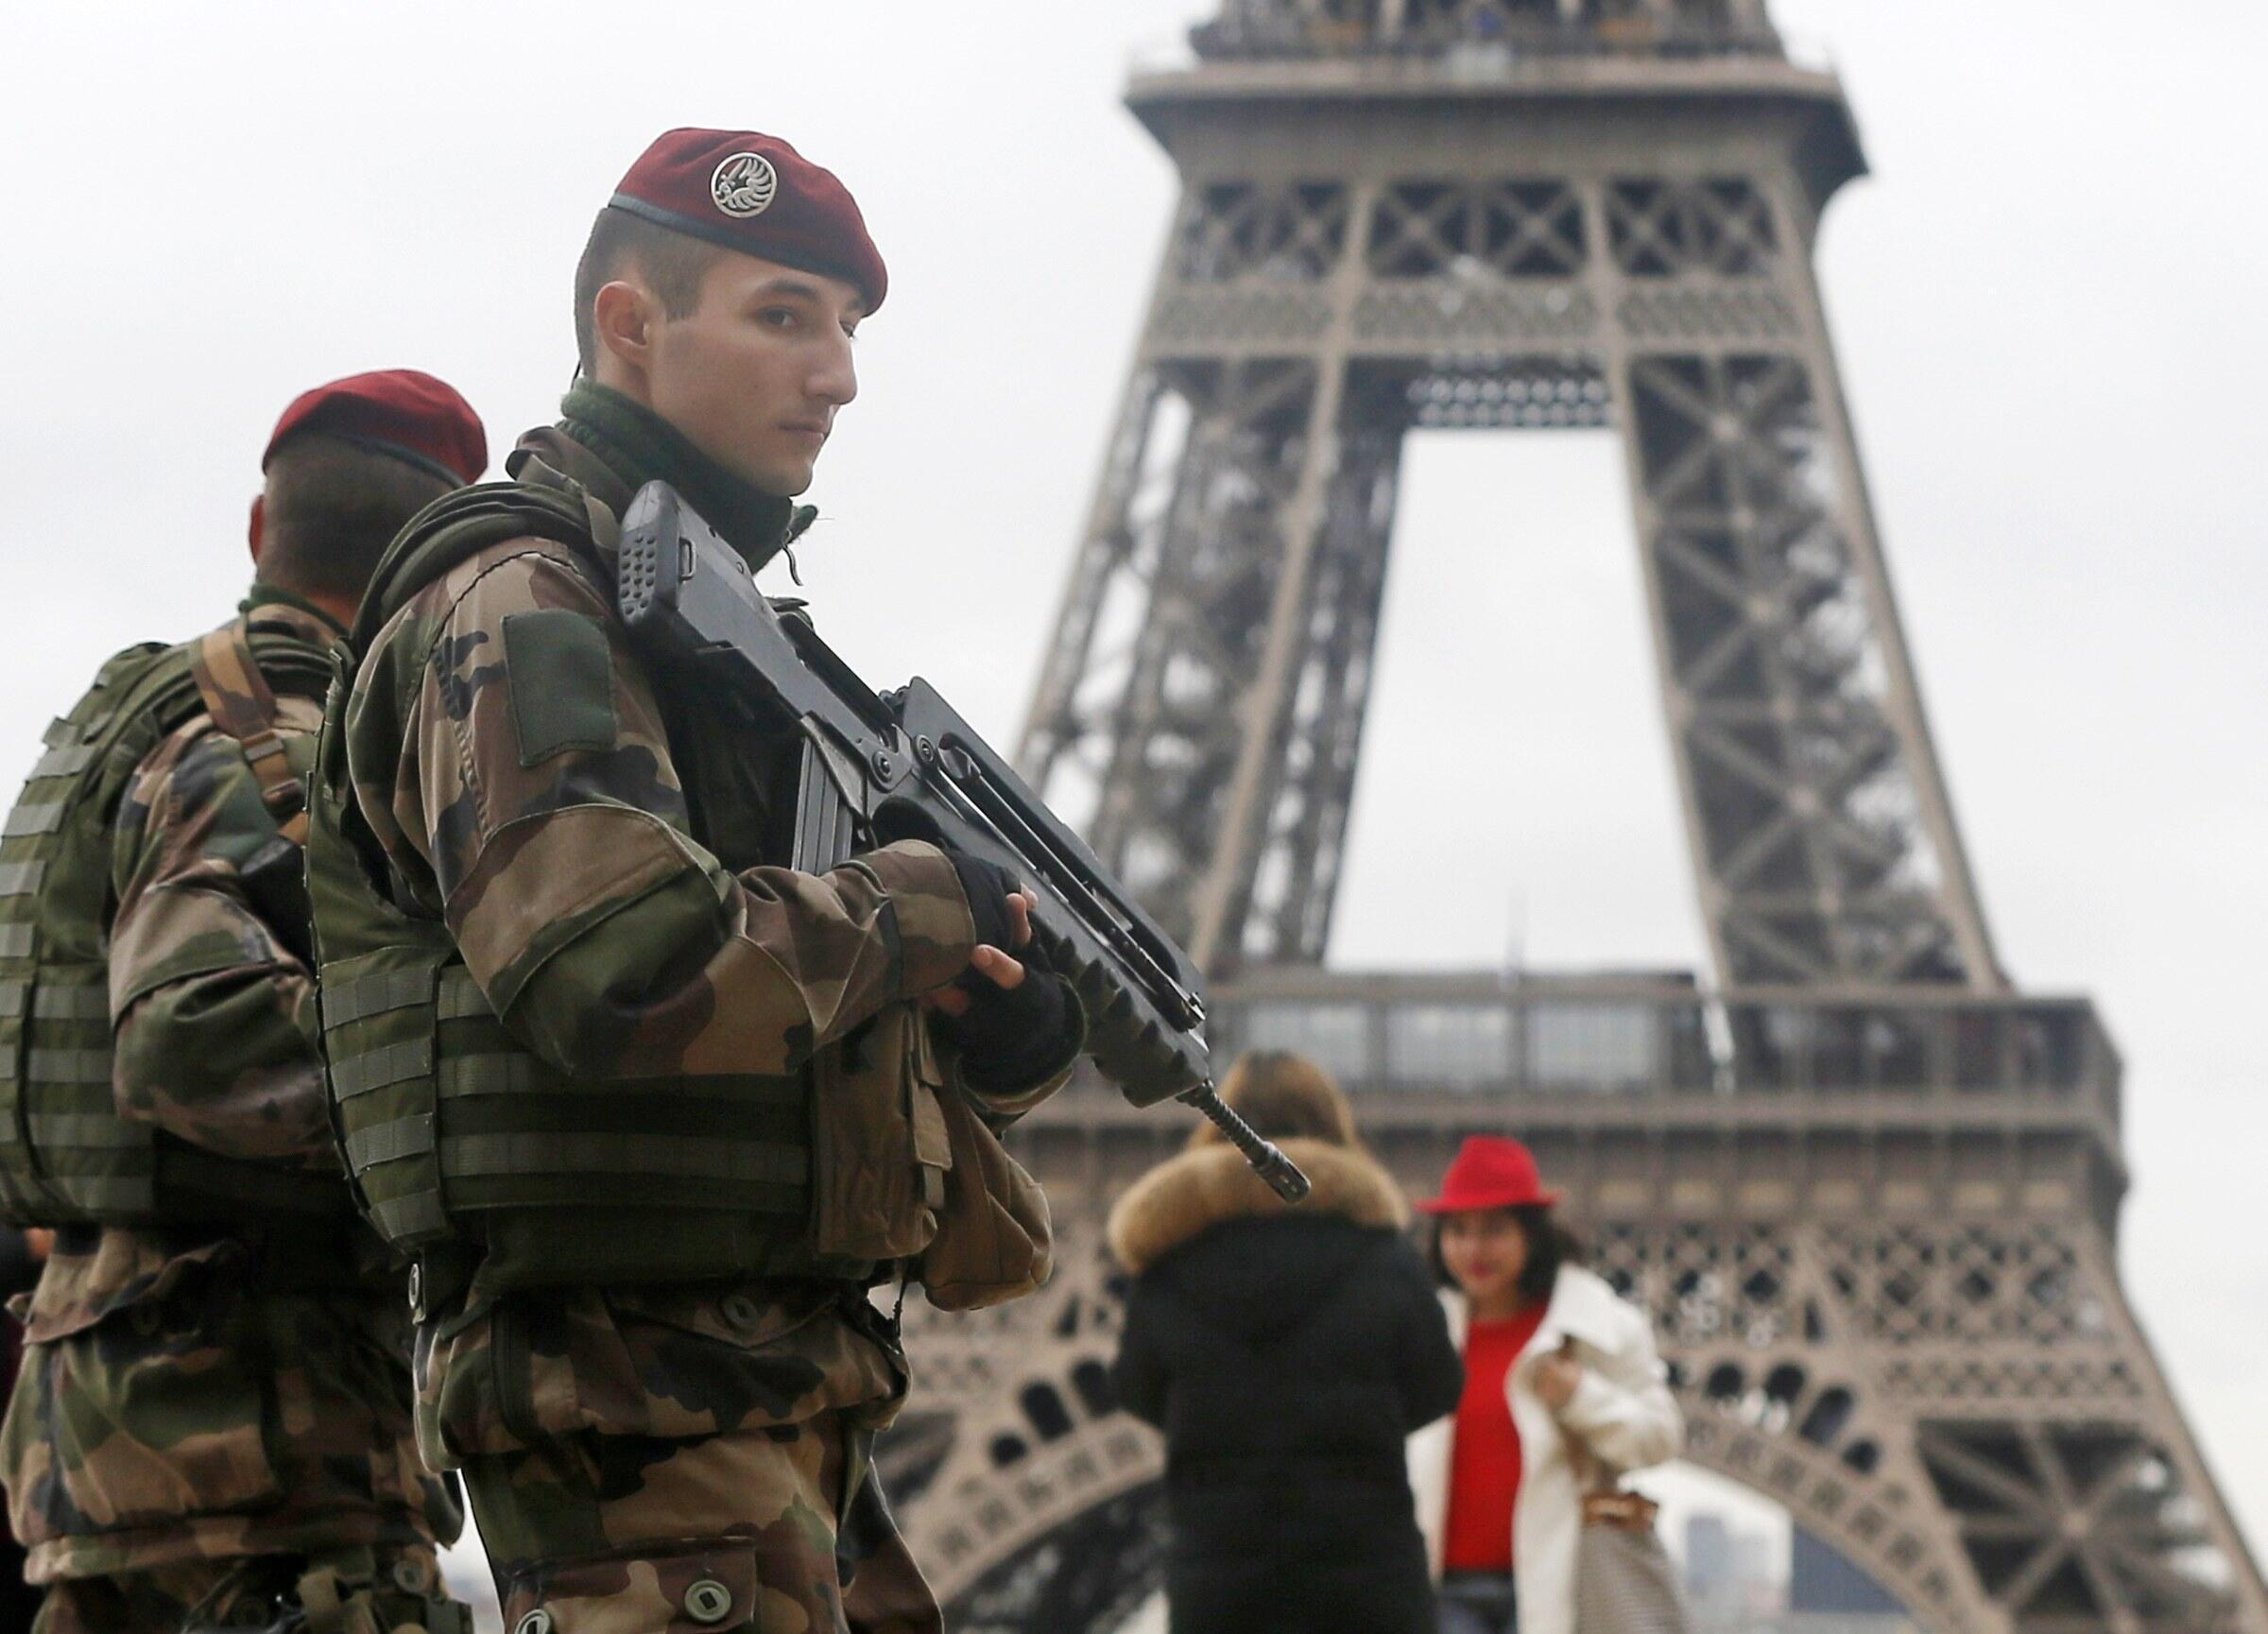 Militares fazem a segurança ao redor da Torre Eiffel neste sábado, 10 de janeiro.